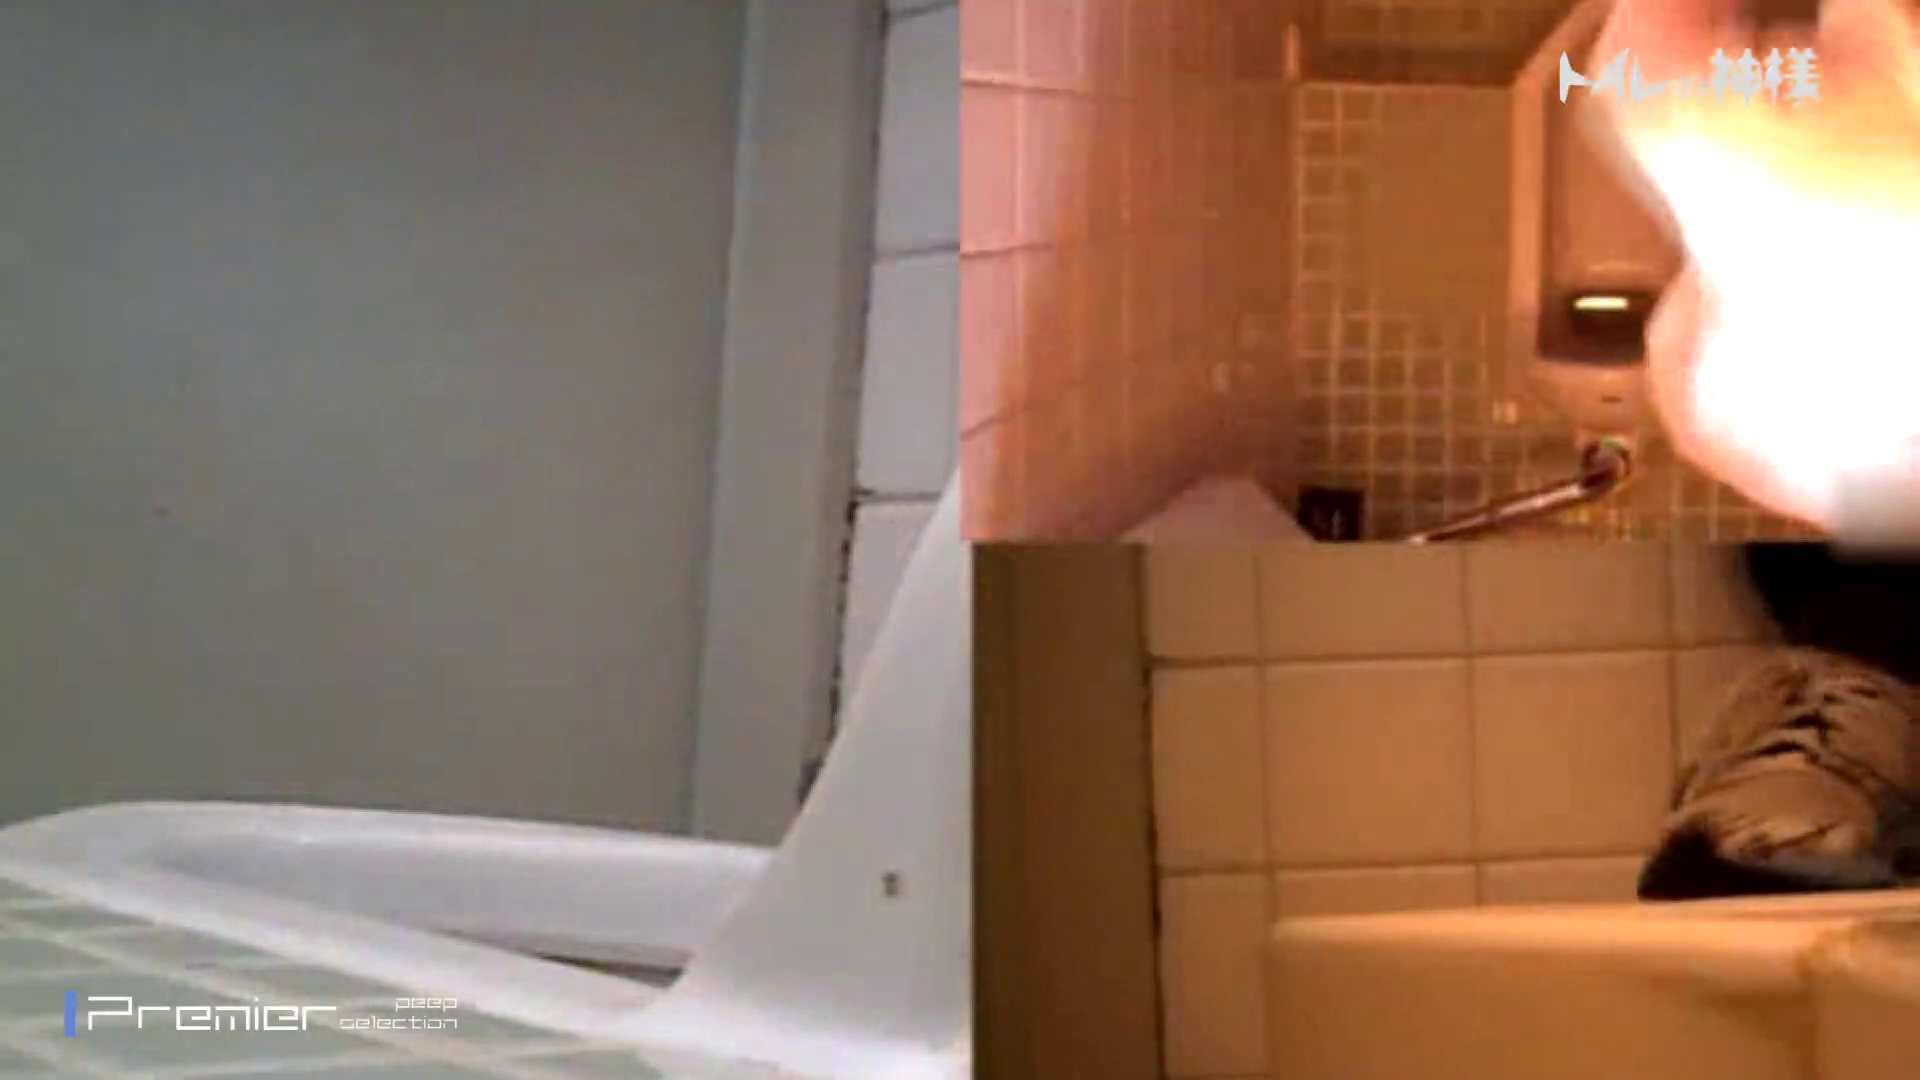 kyouko排泄 うんこをたくさん集めました。トイレの神様 Vol.14 OL   リアルすぎる排泄  83連発 65